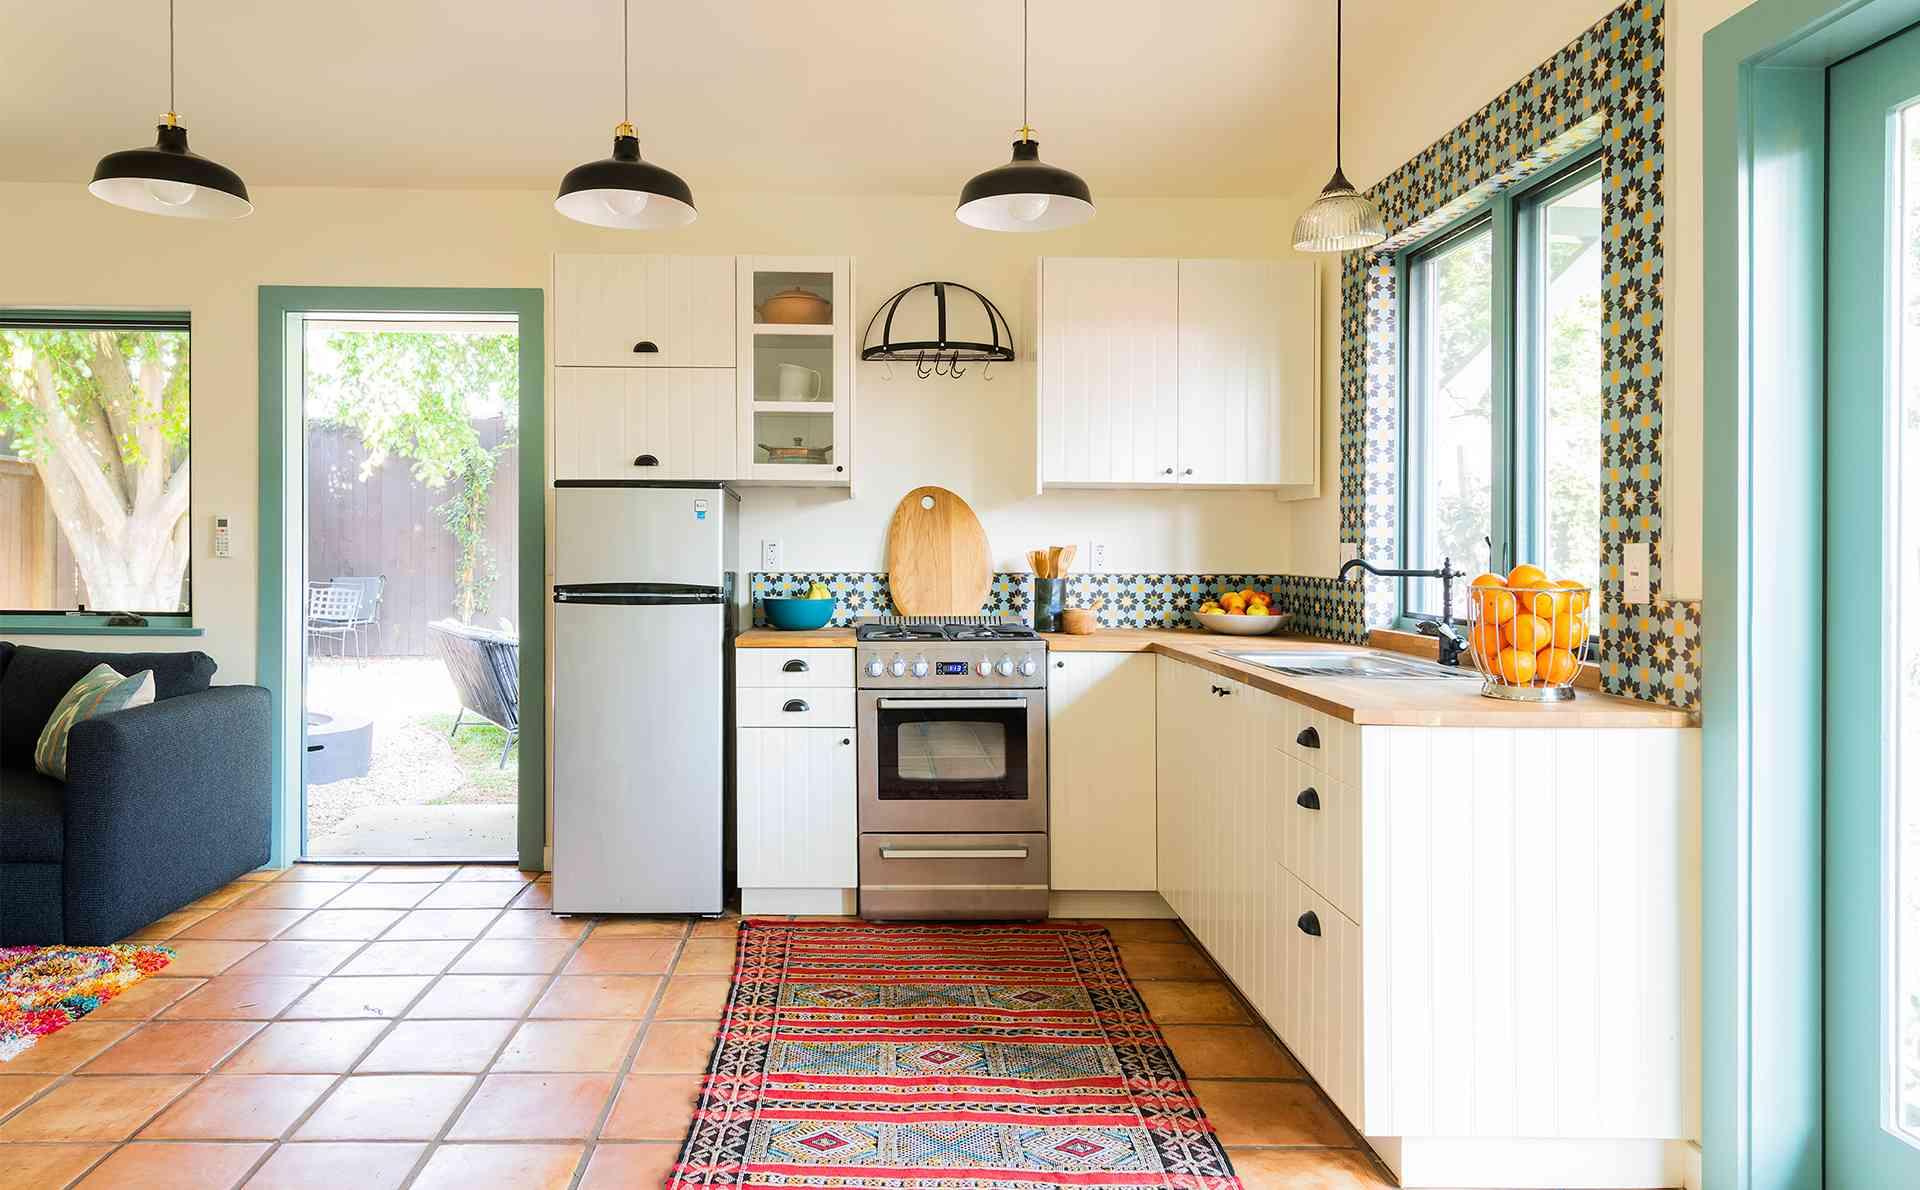 baldosas coloridas en la cocina